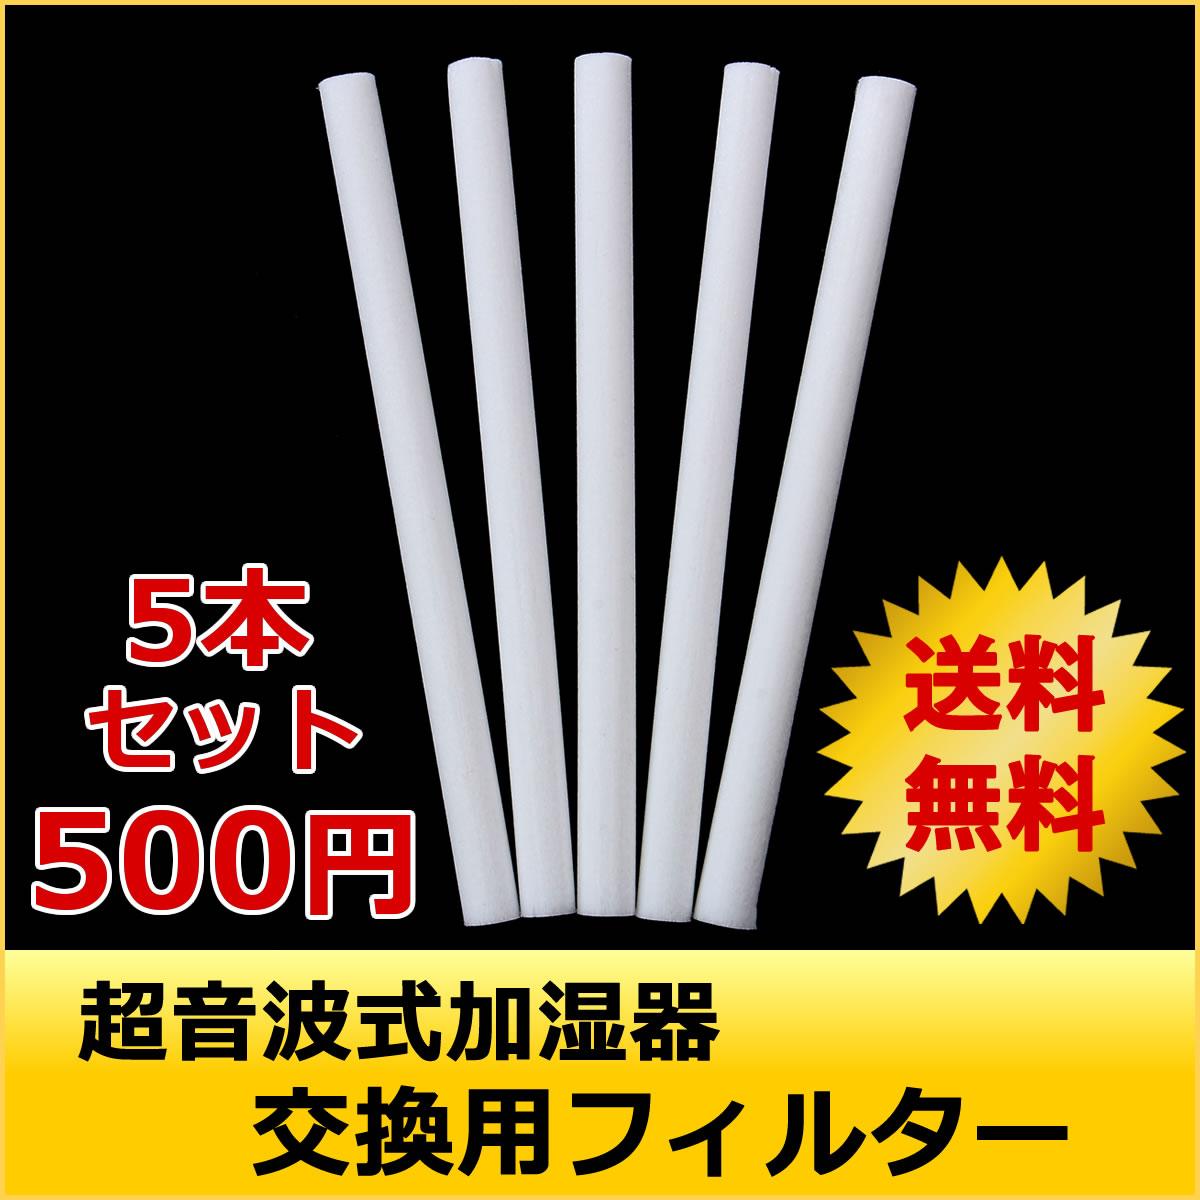 加湿器 フィルター 5本セット 交換用 超音波式 コットンフィルター 送料無料 (ゆうメール)